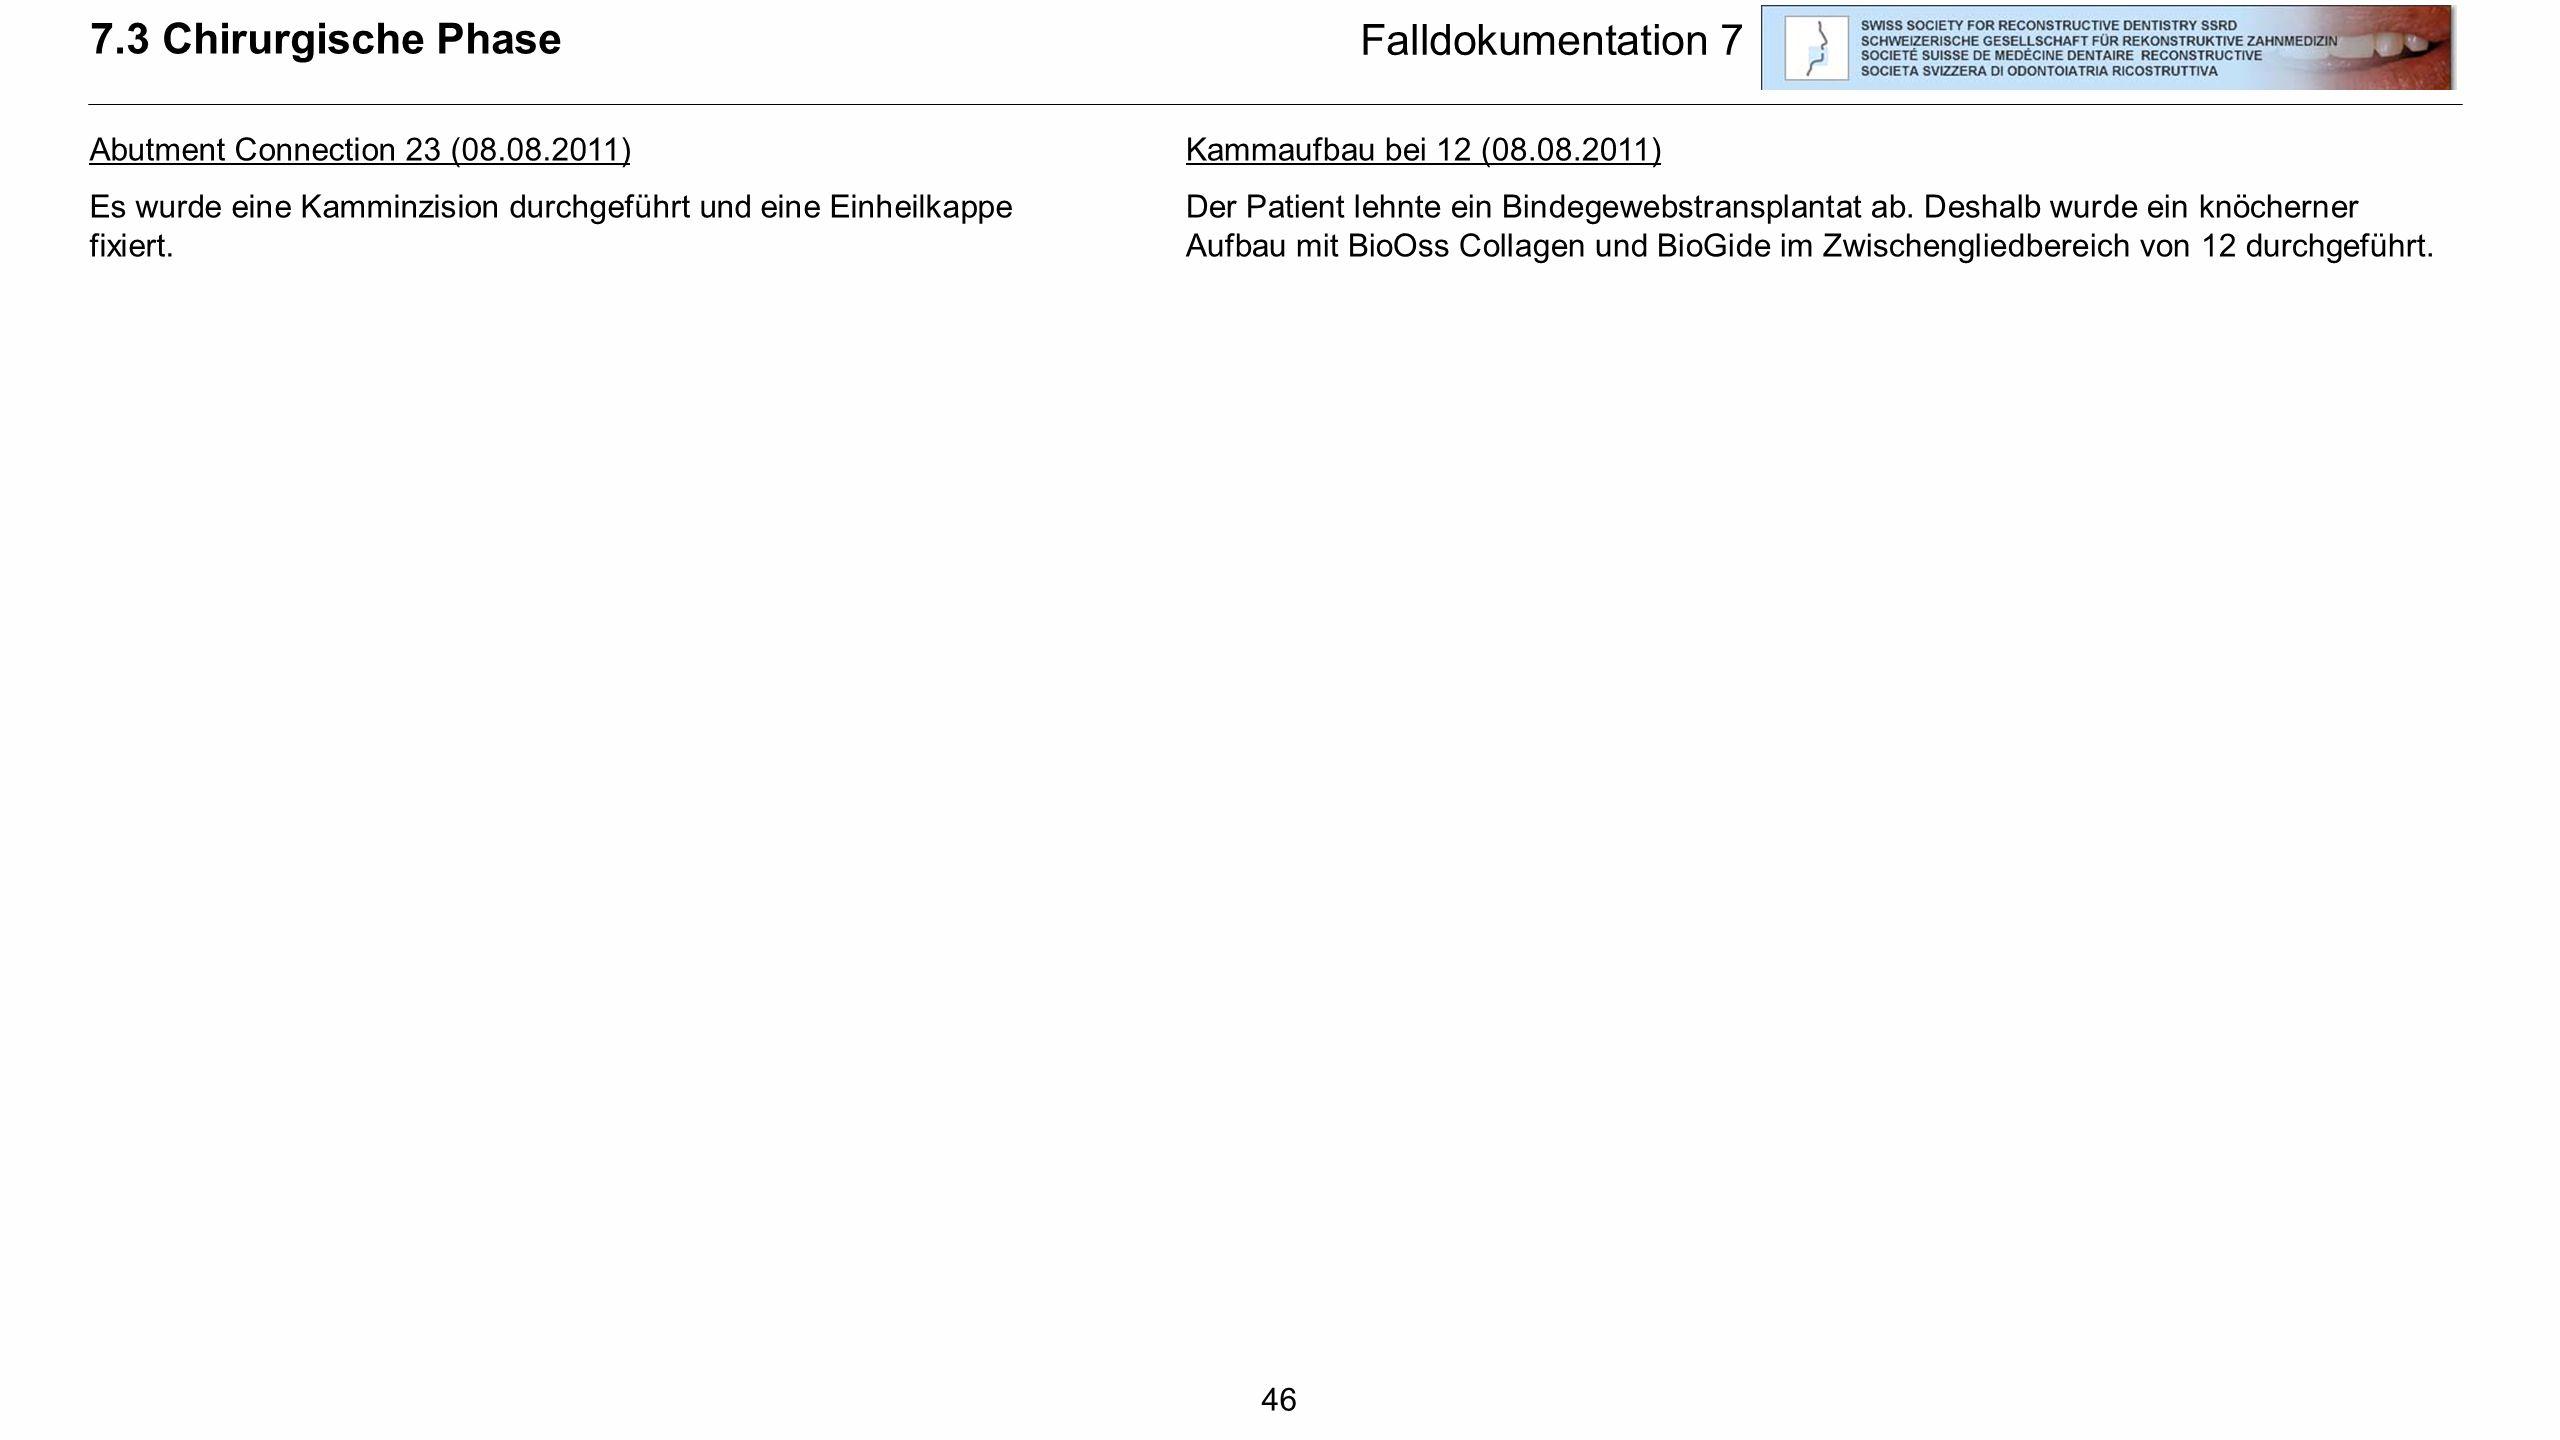 46 7.3 Chirurgische Phase Falldokumentation 7 Abutment Connection 23 (08.08.2011) Es wurde eine Kamminzision durchgeführt und eine Einheilkappe fixier